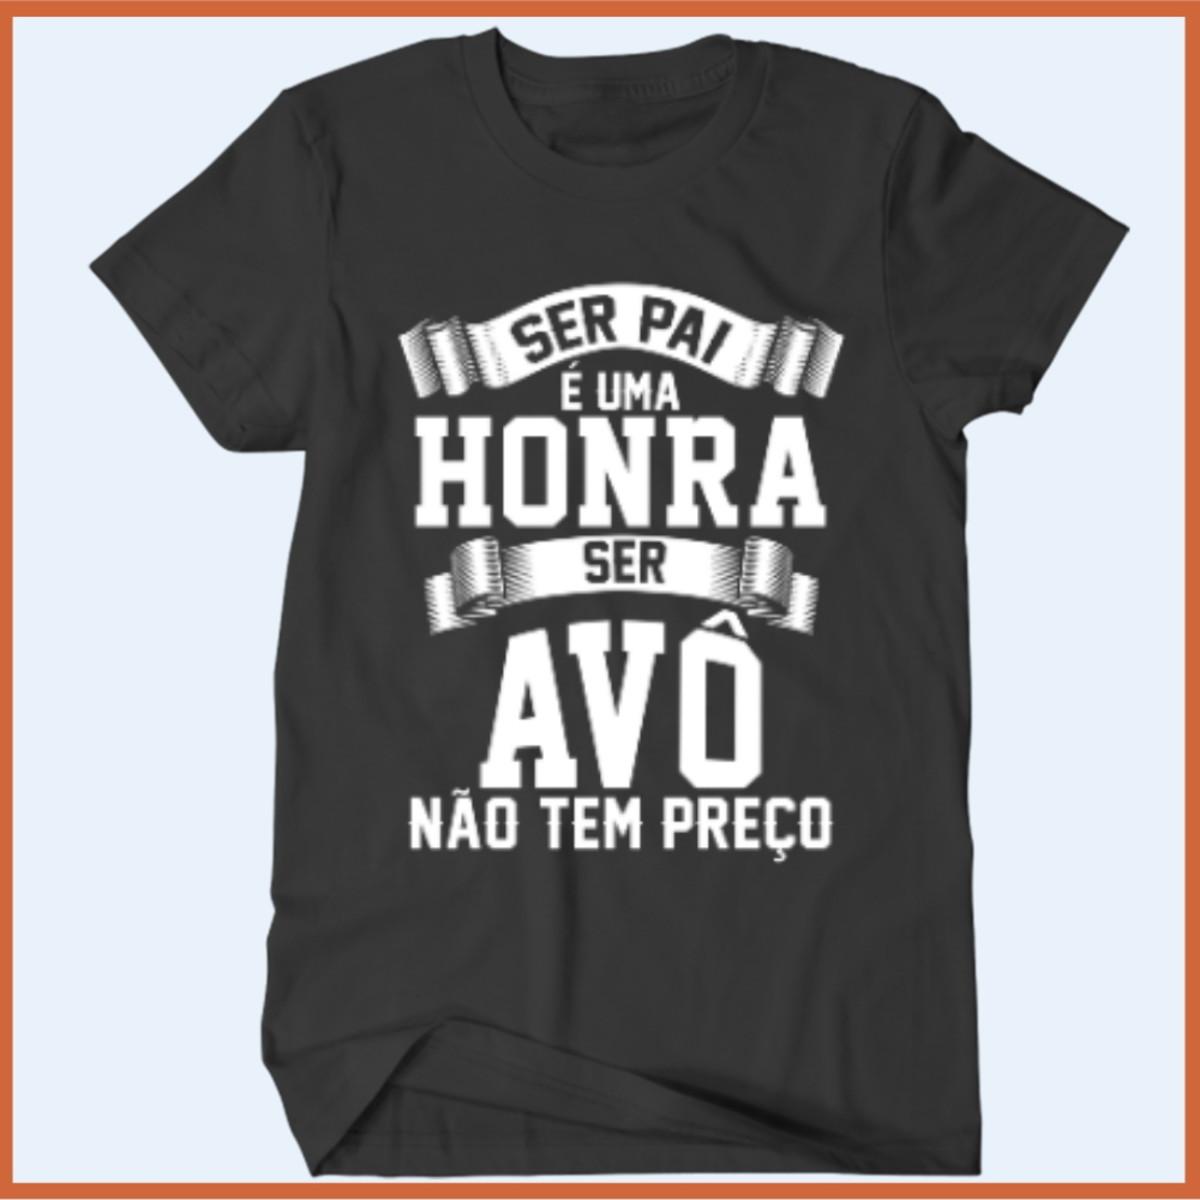 efec131df5 Zoom · Camiseta Ser pai é uma honra